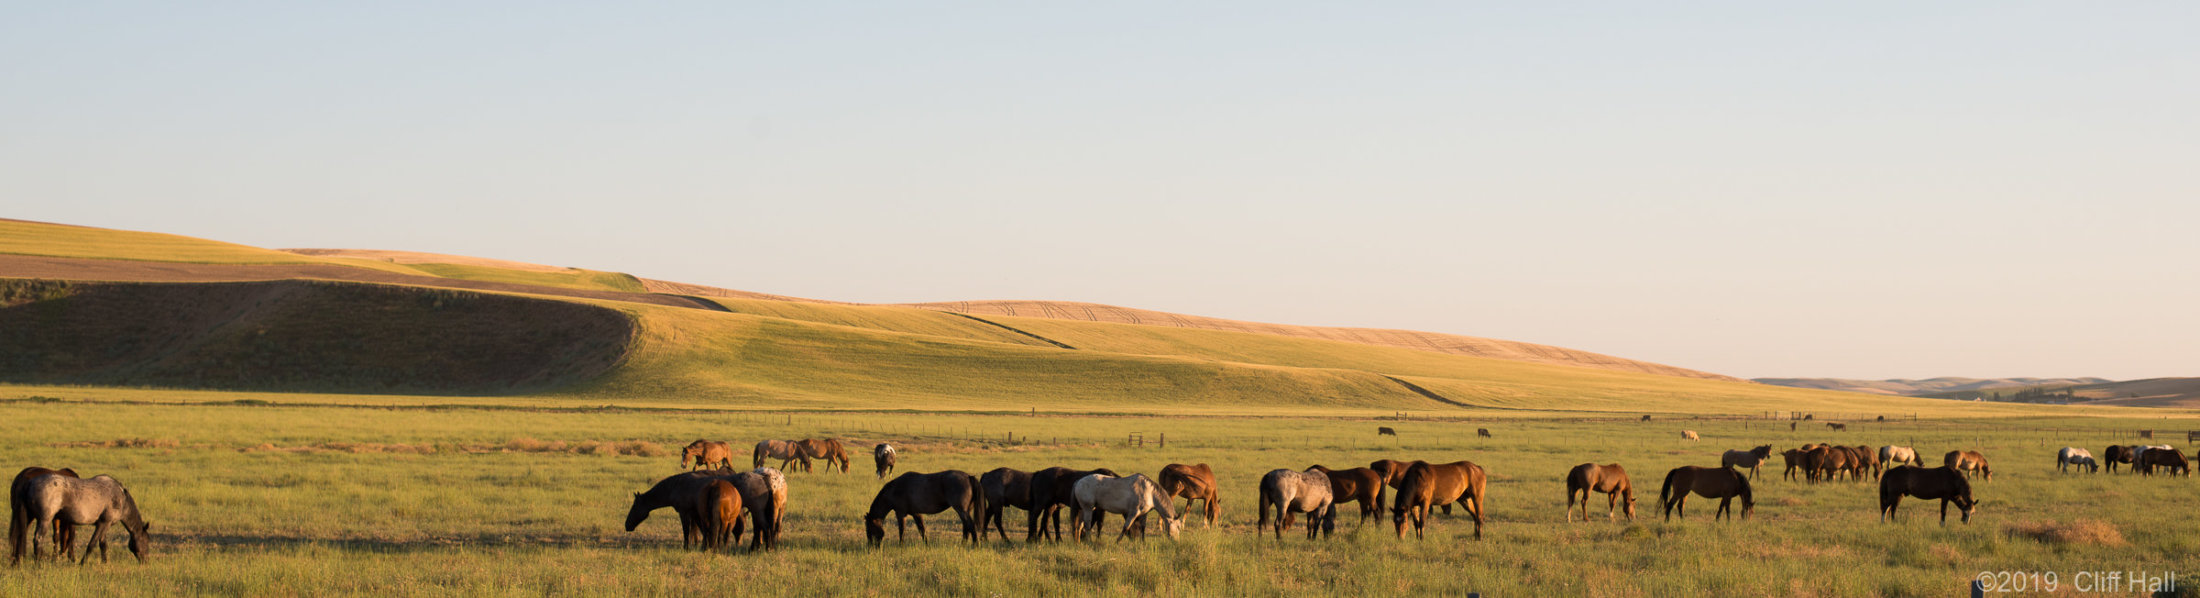 Horses in Palouse Region, WA